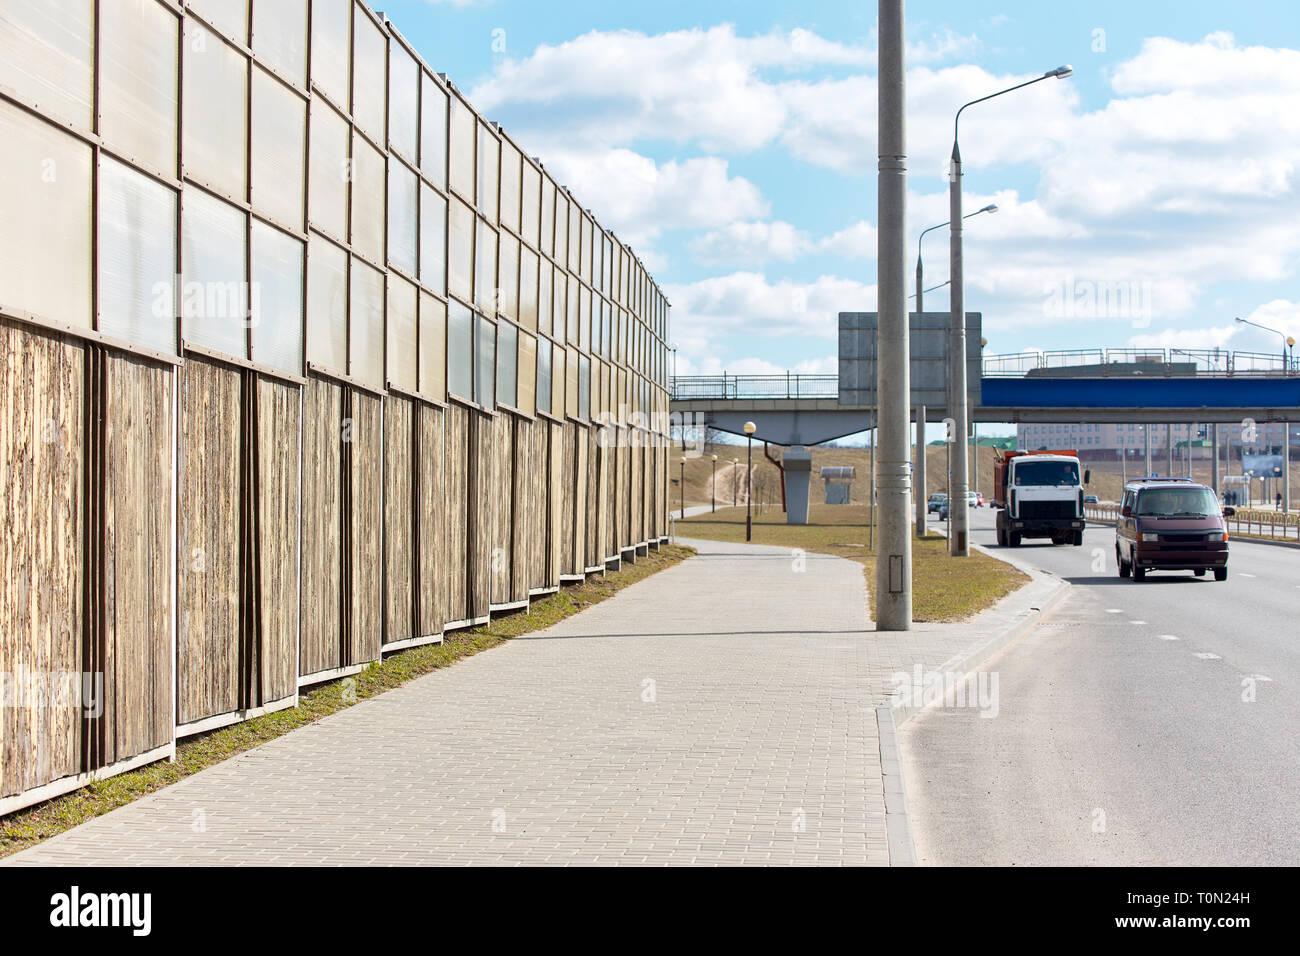 Paneles de insonorización a lo largo de la autopista sin peaje en la ciudad. Concepto de protección de edificios residenciales del ruido mediante paneles de aislamiento acústico. Imagen De Stock